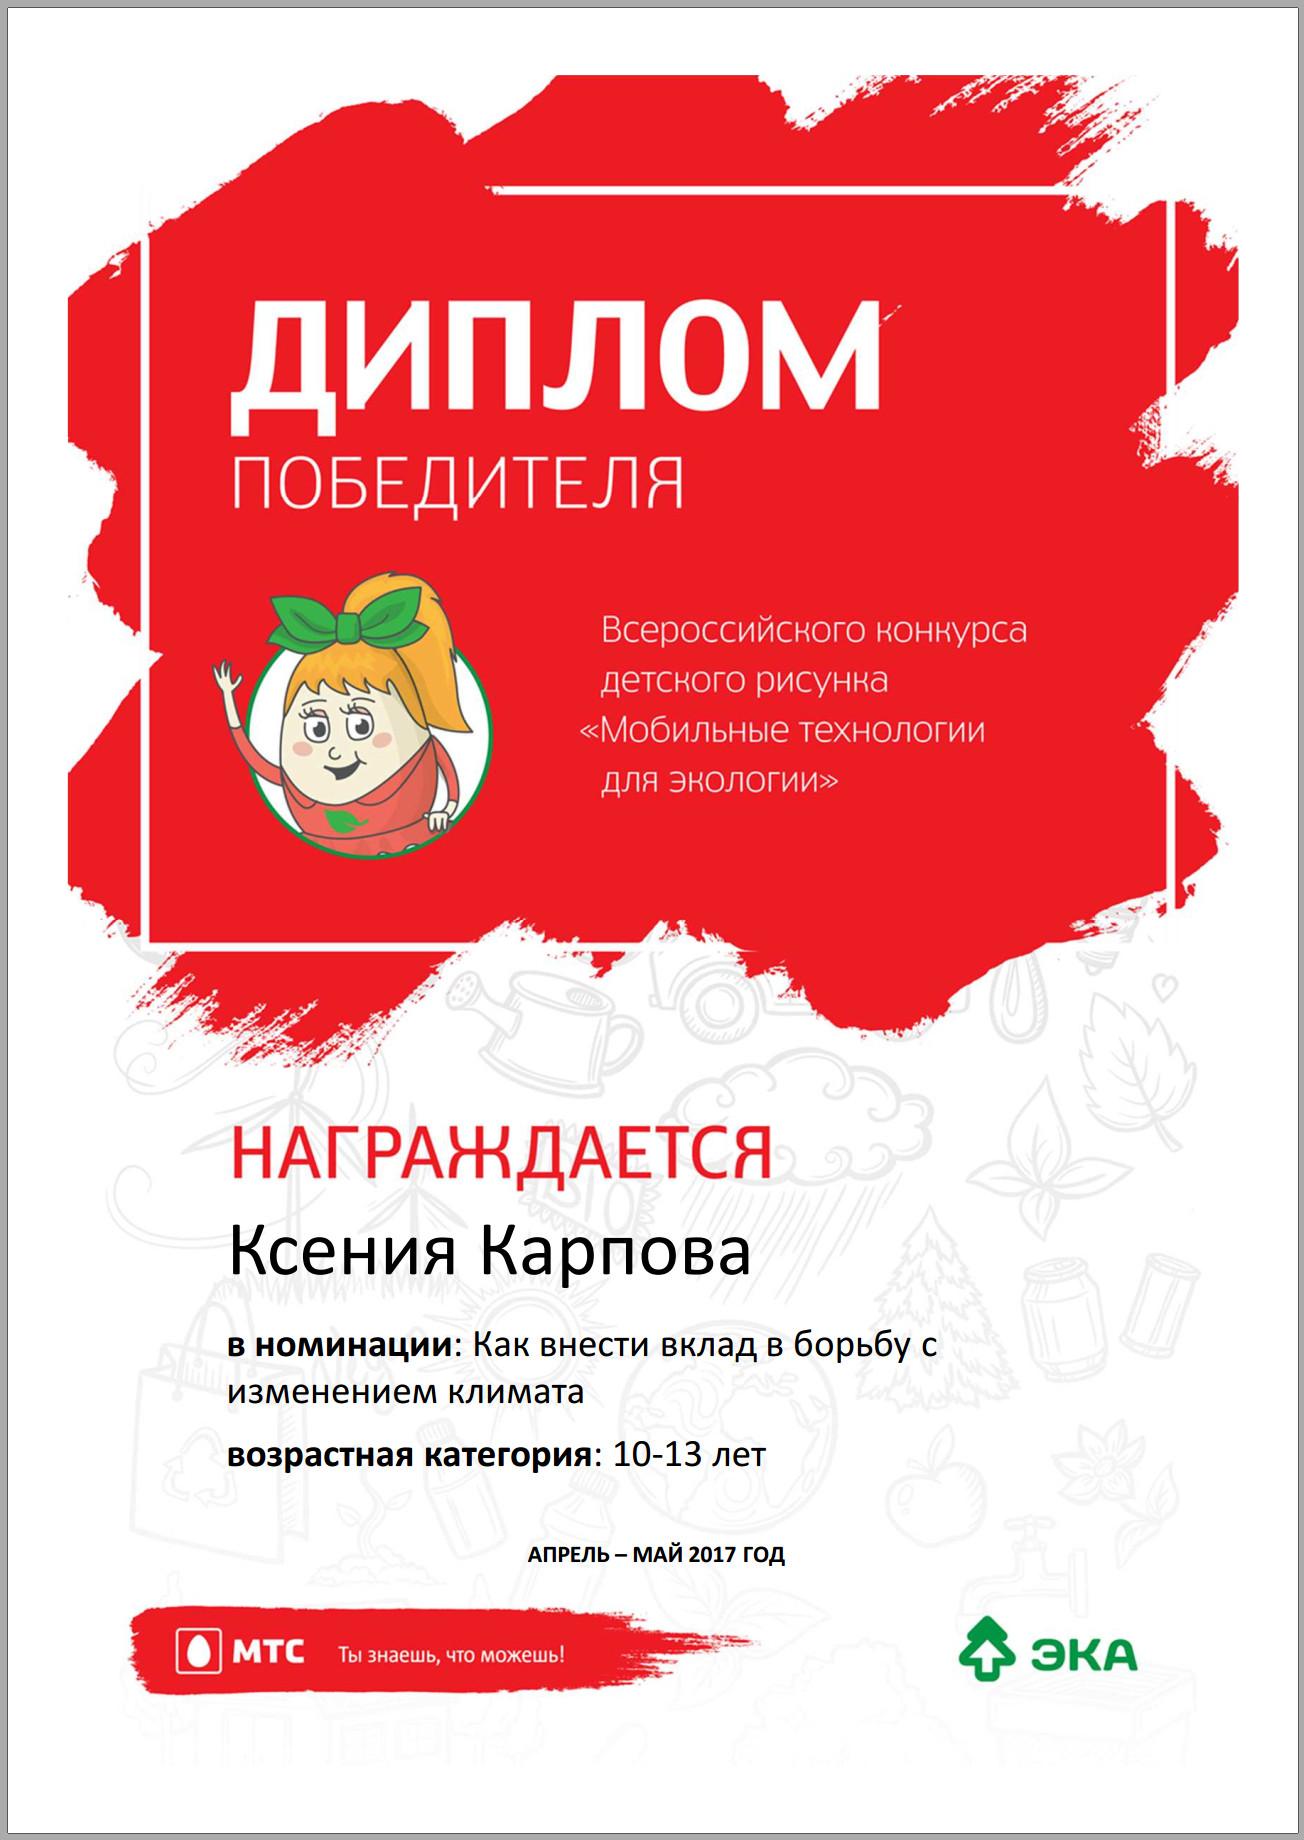 Всероссийские конкурсы детского рисунка 2017 год